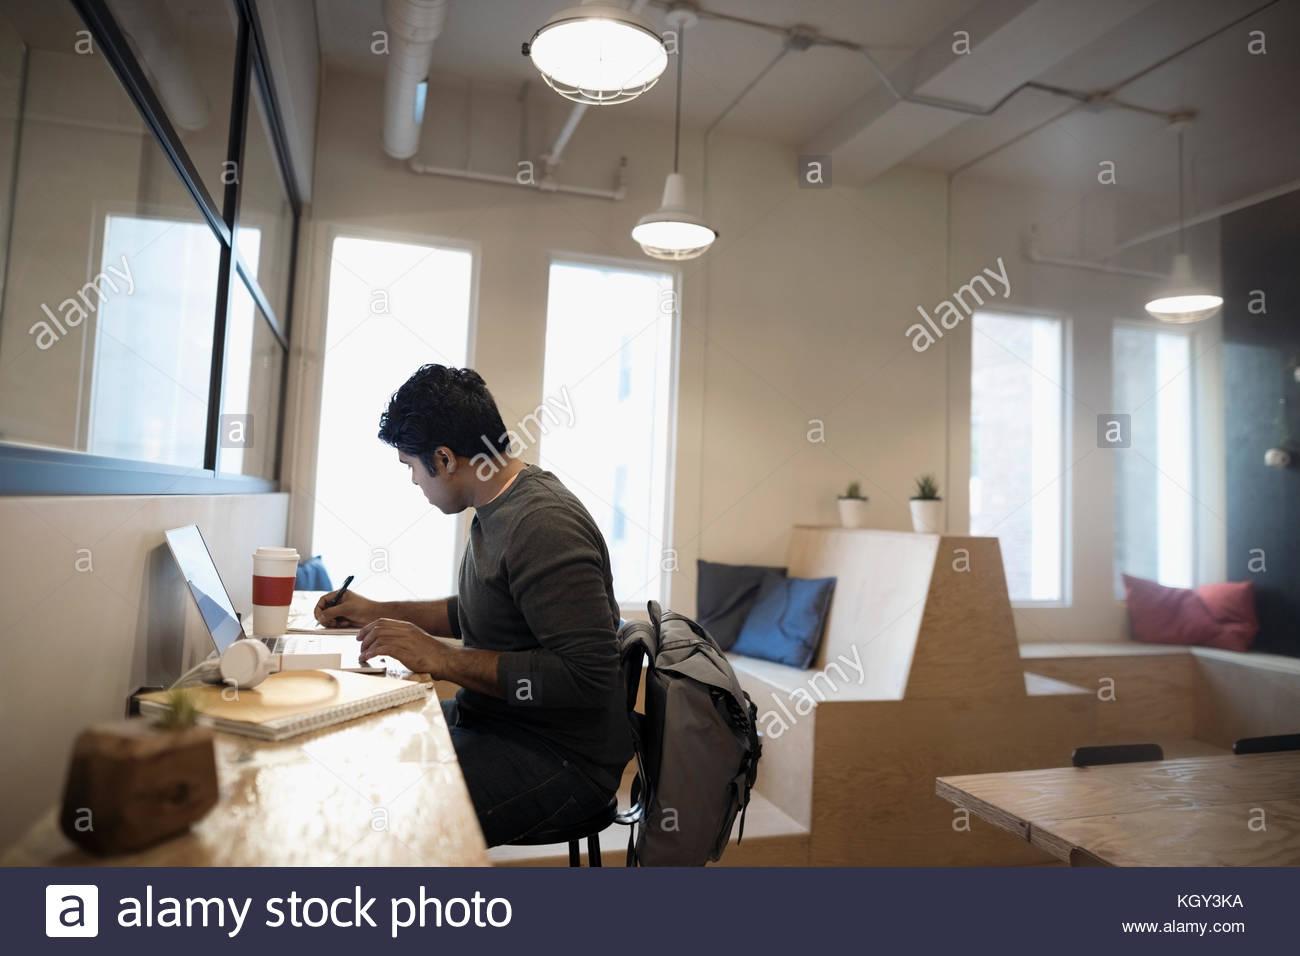 Diseñador masculino tomando notas, trabajando en el portátil en espacio de coworking office Imagen De Stock